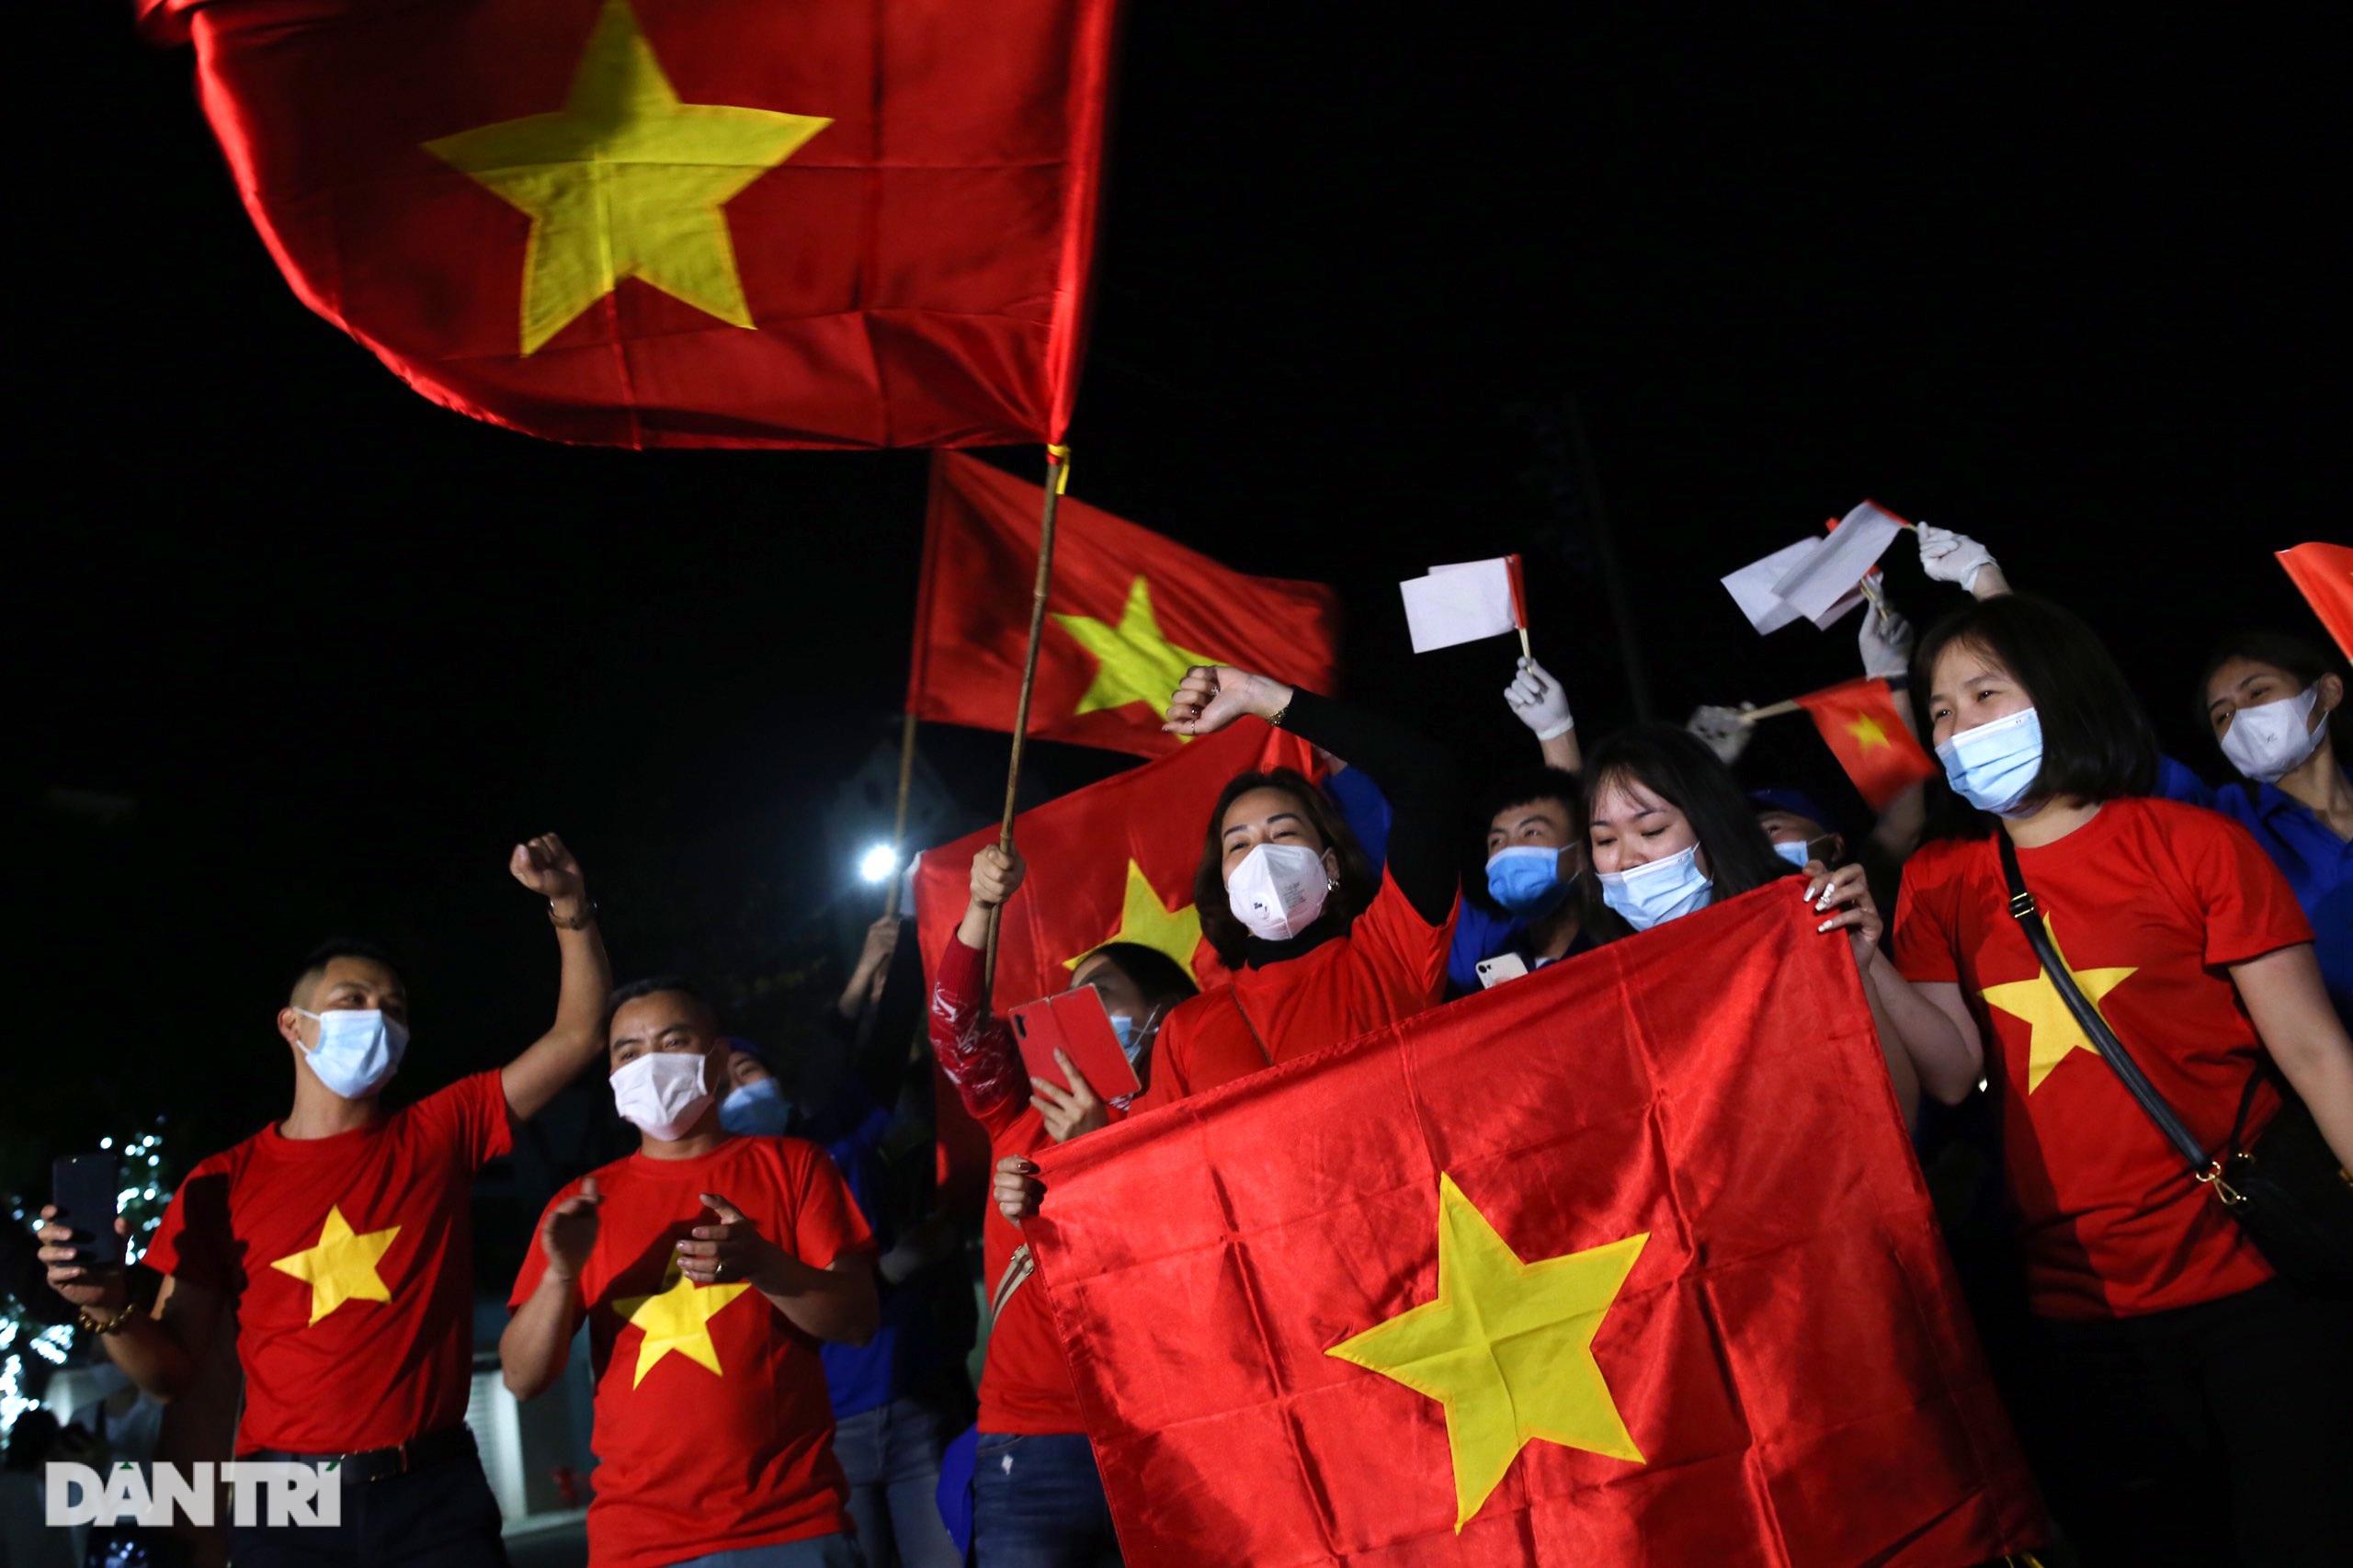 Pháo hoa rực rỡ, người dân vỡ òa cảm xúc khi TP Chí Linh được gỡ phong tỏa - Ảnh 4.